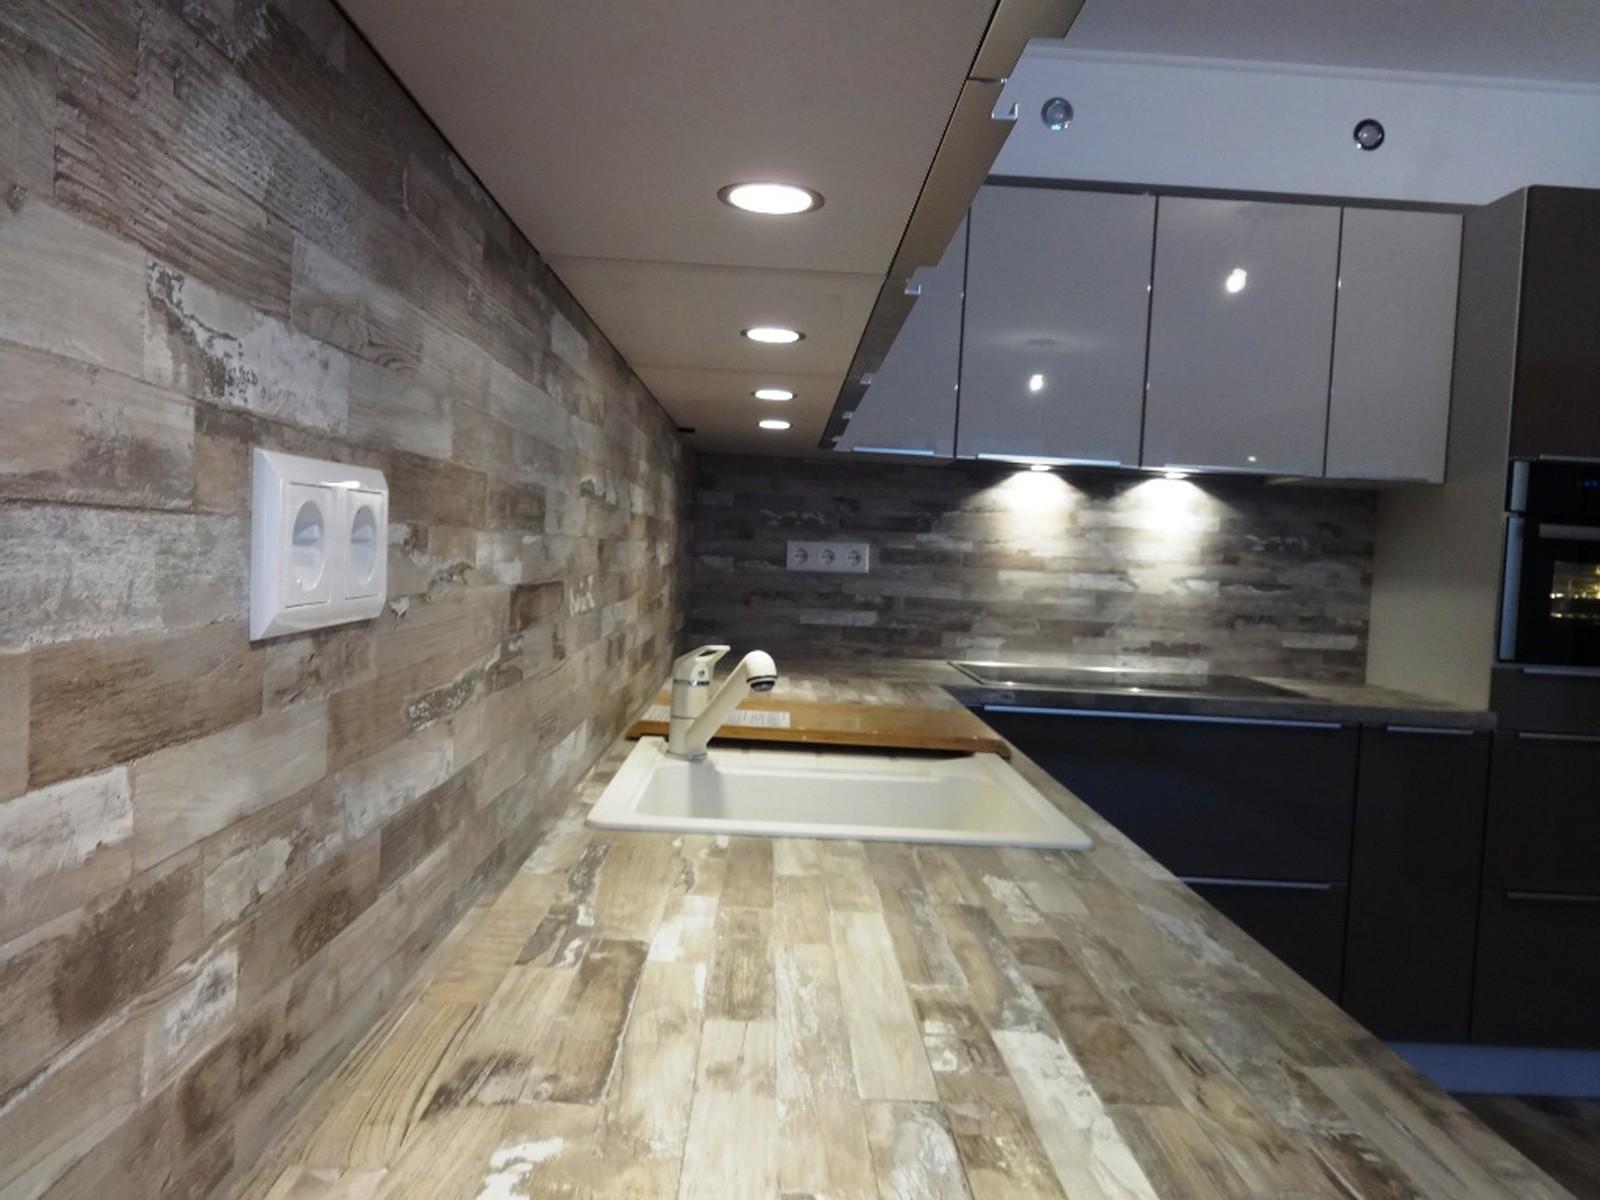 Referință - Bucătărie modernă Nobilia Gloss / Flash - Magma / Satin gri